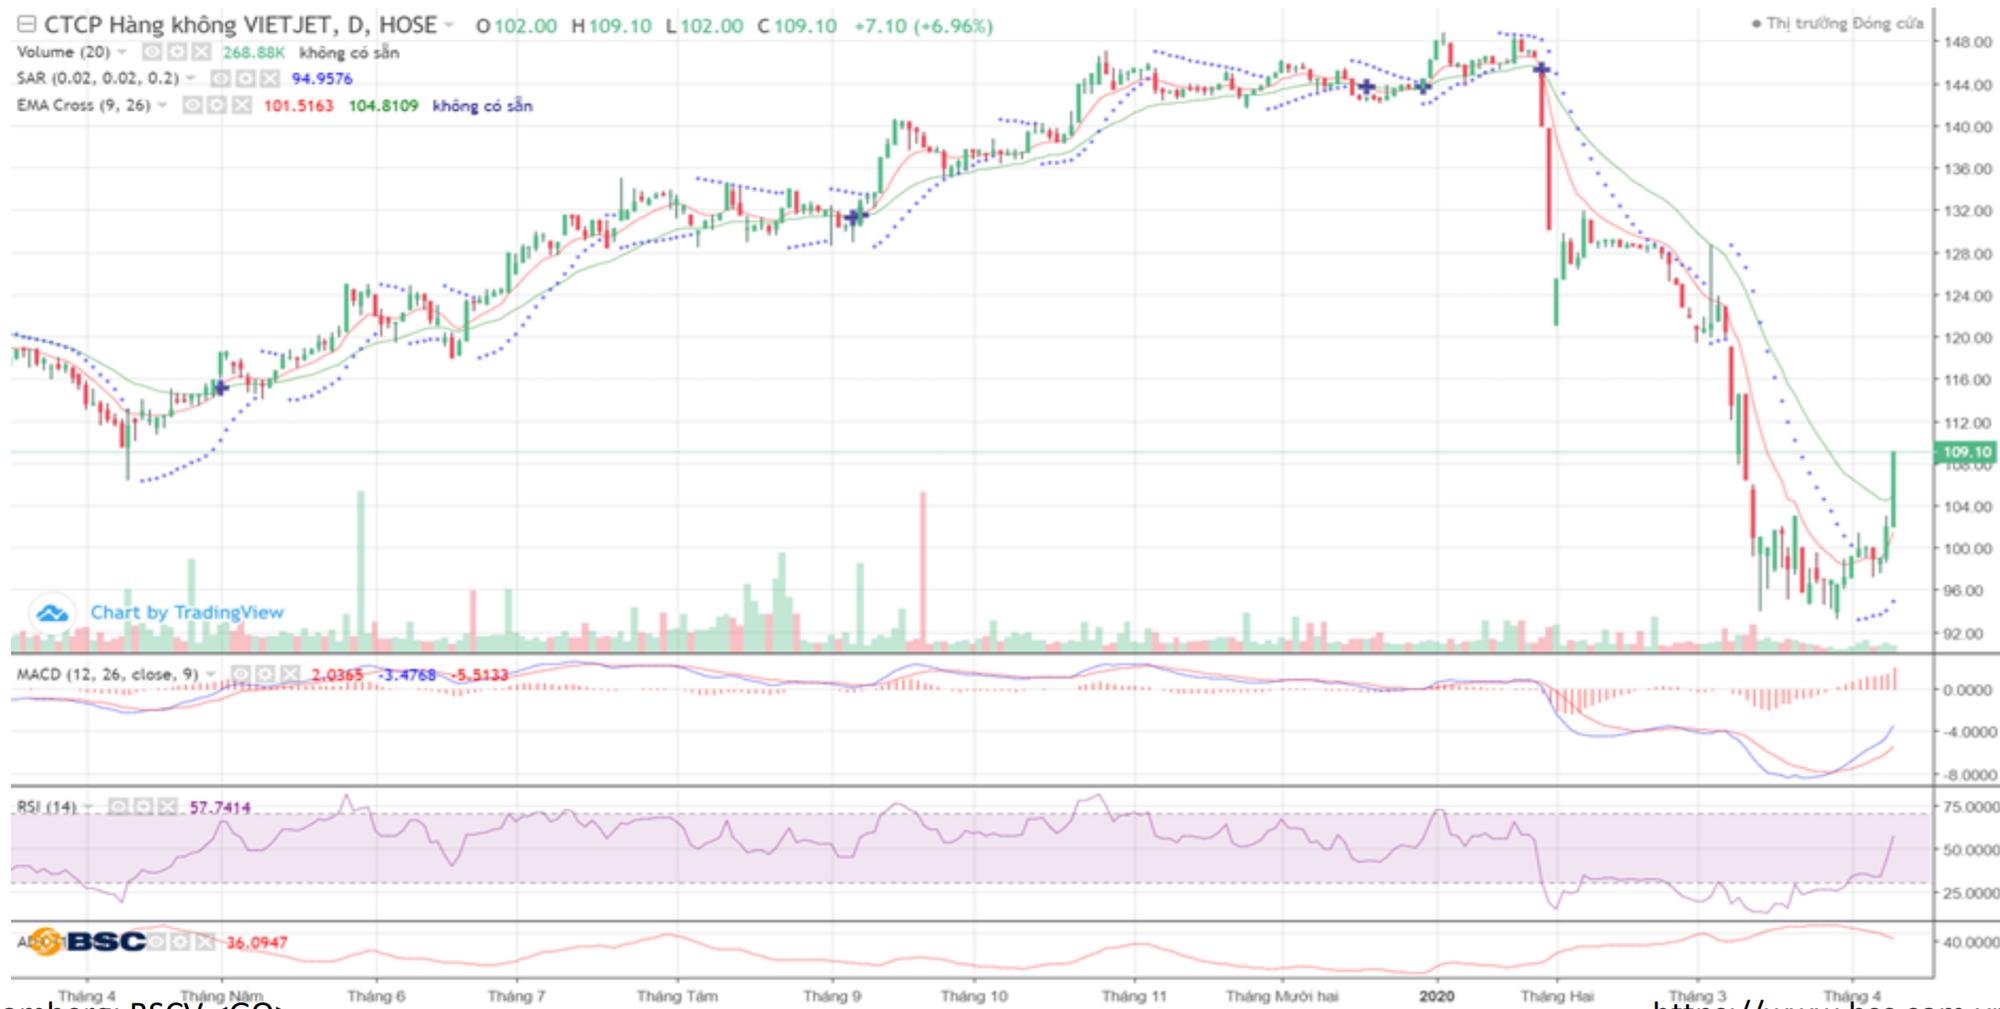 Cổ phiếu tâm điểm ngày 13/4: VJC, HVN, SHS, DHC - Ảnh 3.